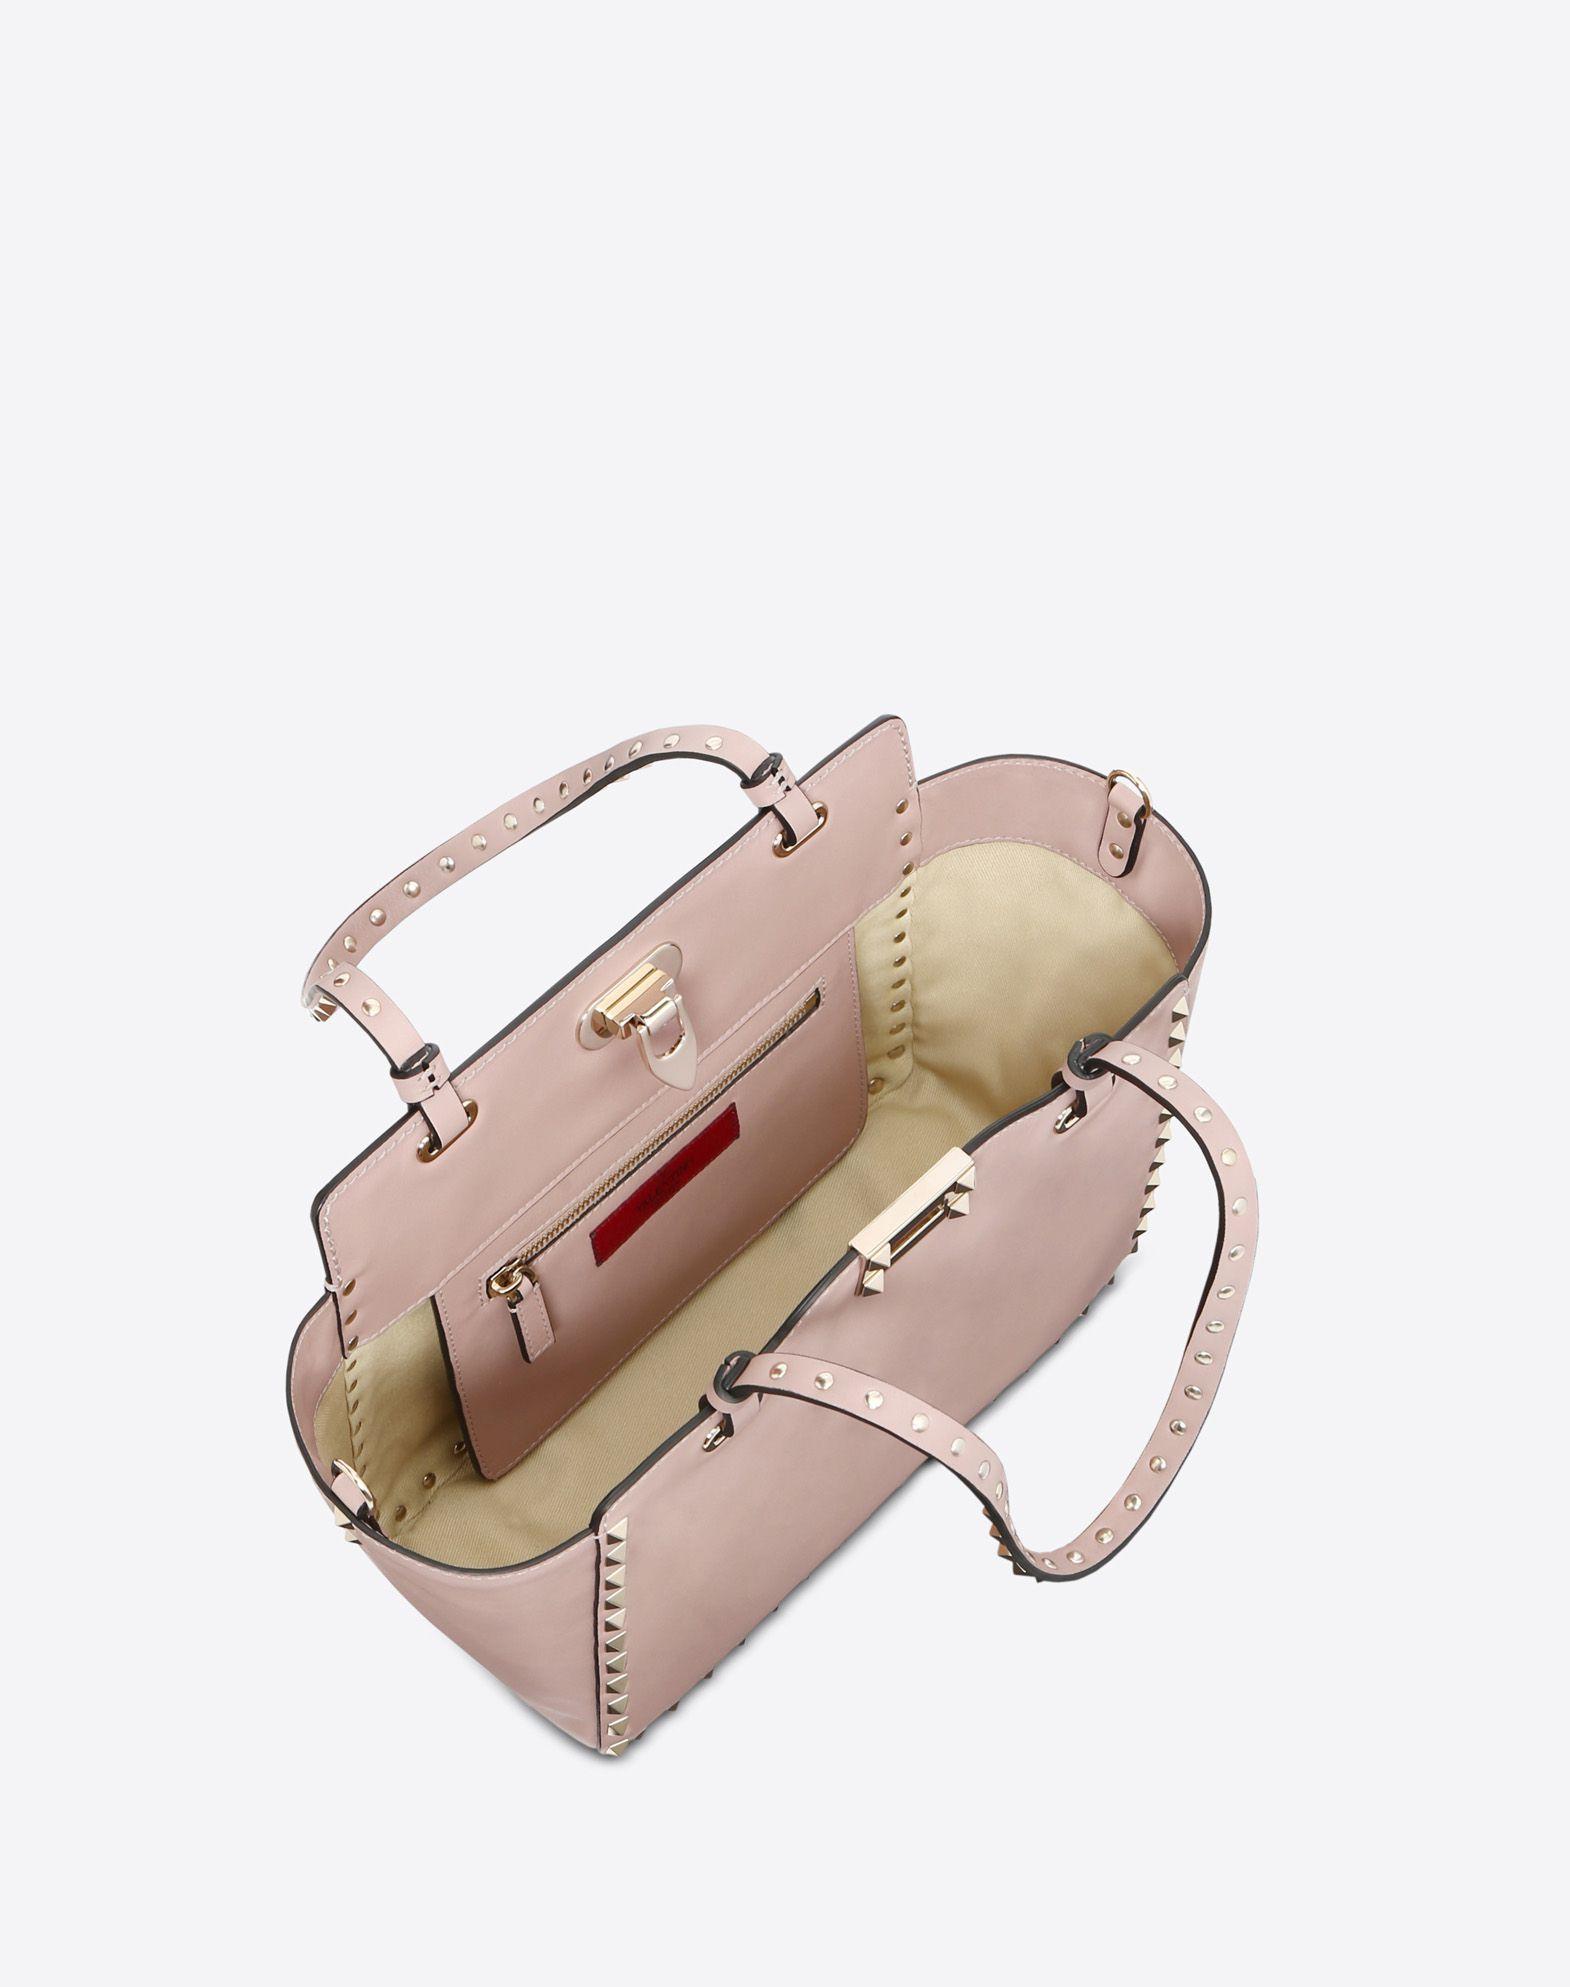 VALENTINO GARAVANI Rockstud Small Bag Tote D e